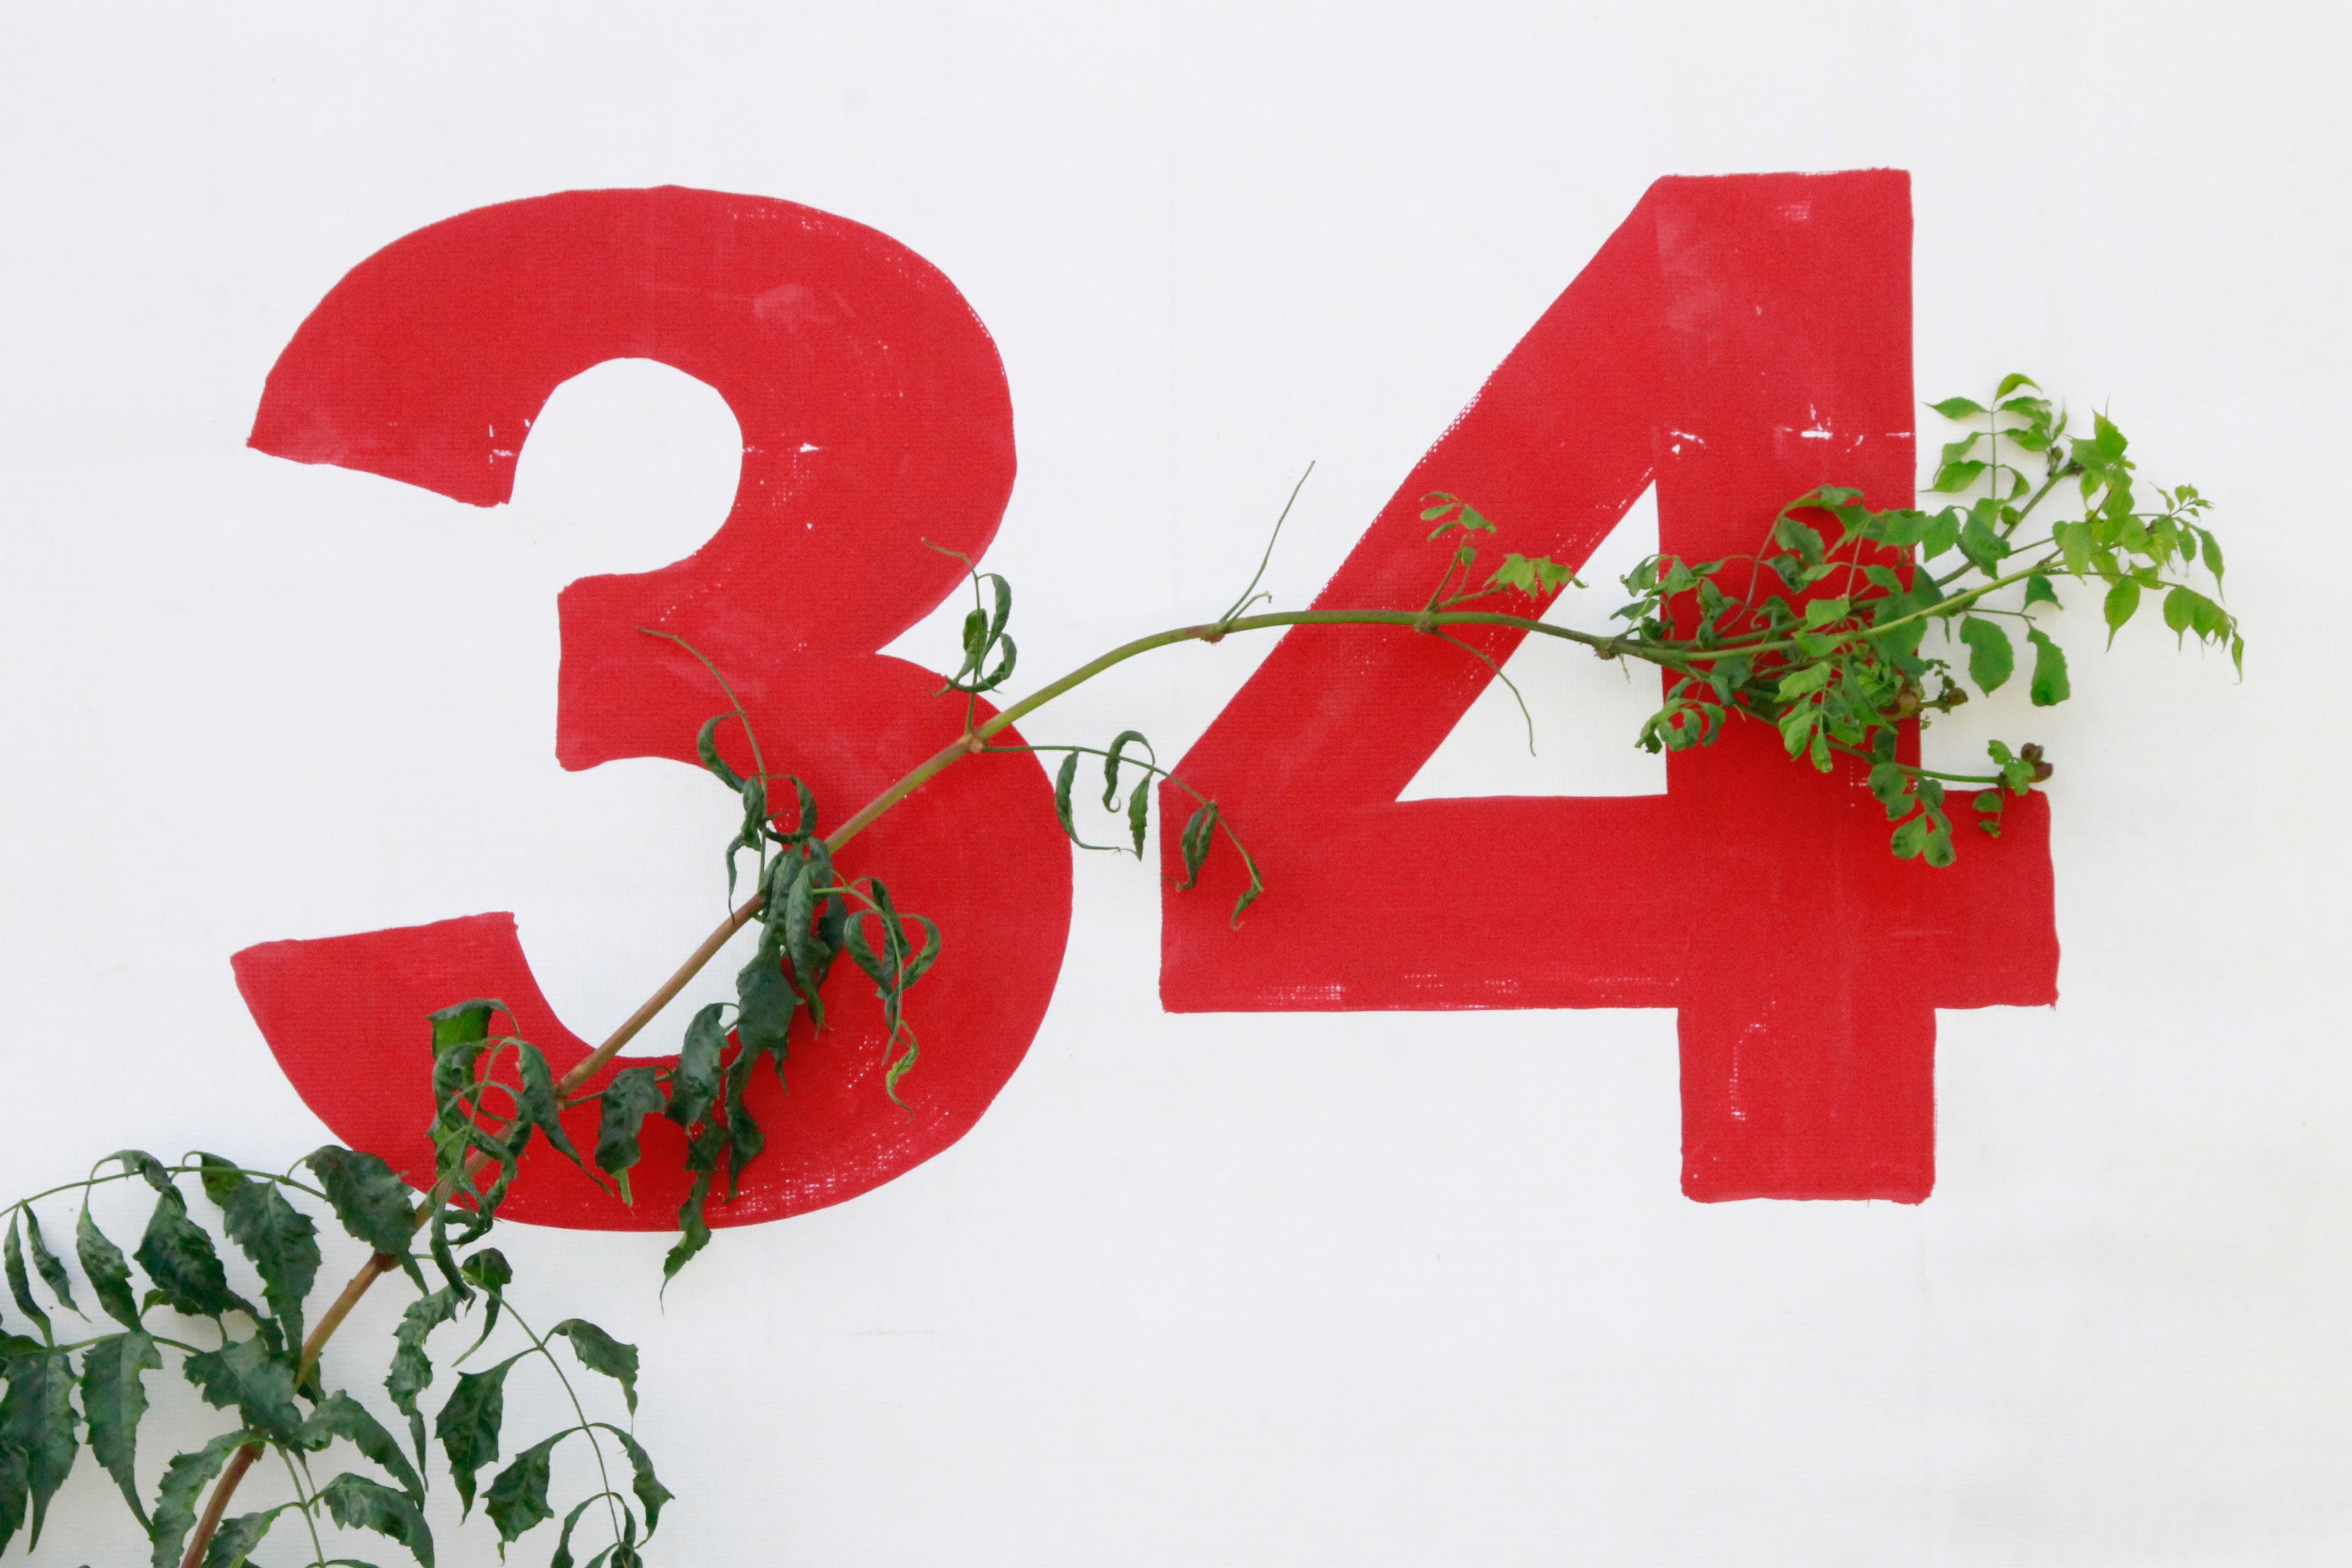 エンジェルナンバー34が教えてくれる意味と大切なメッセージを解説